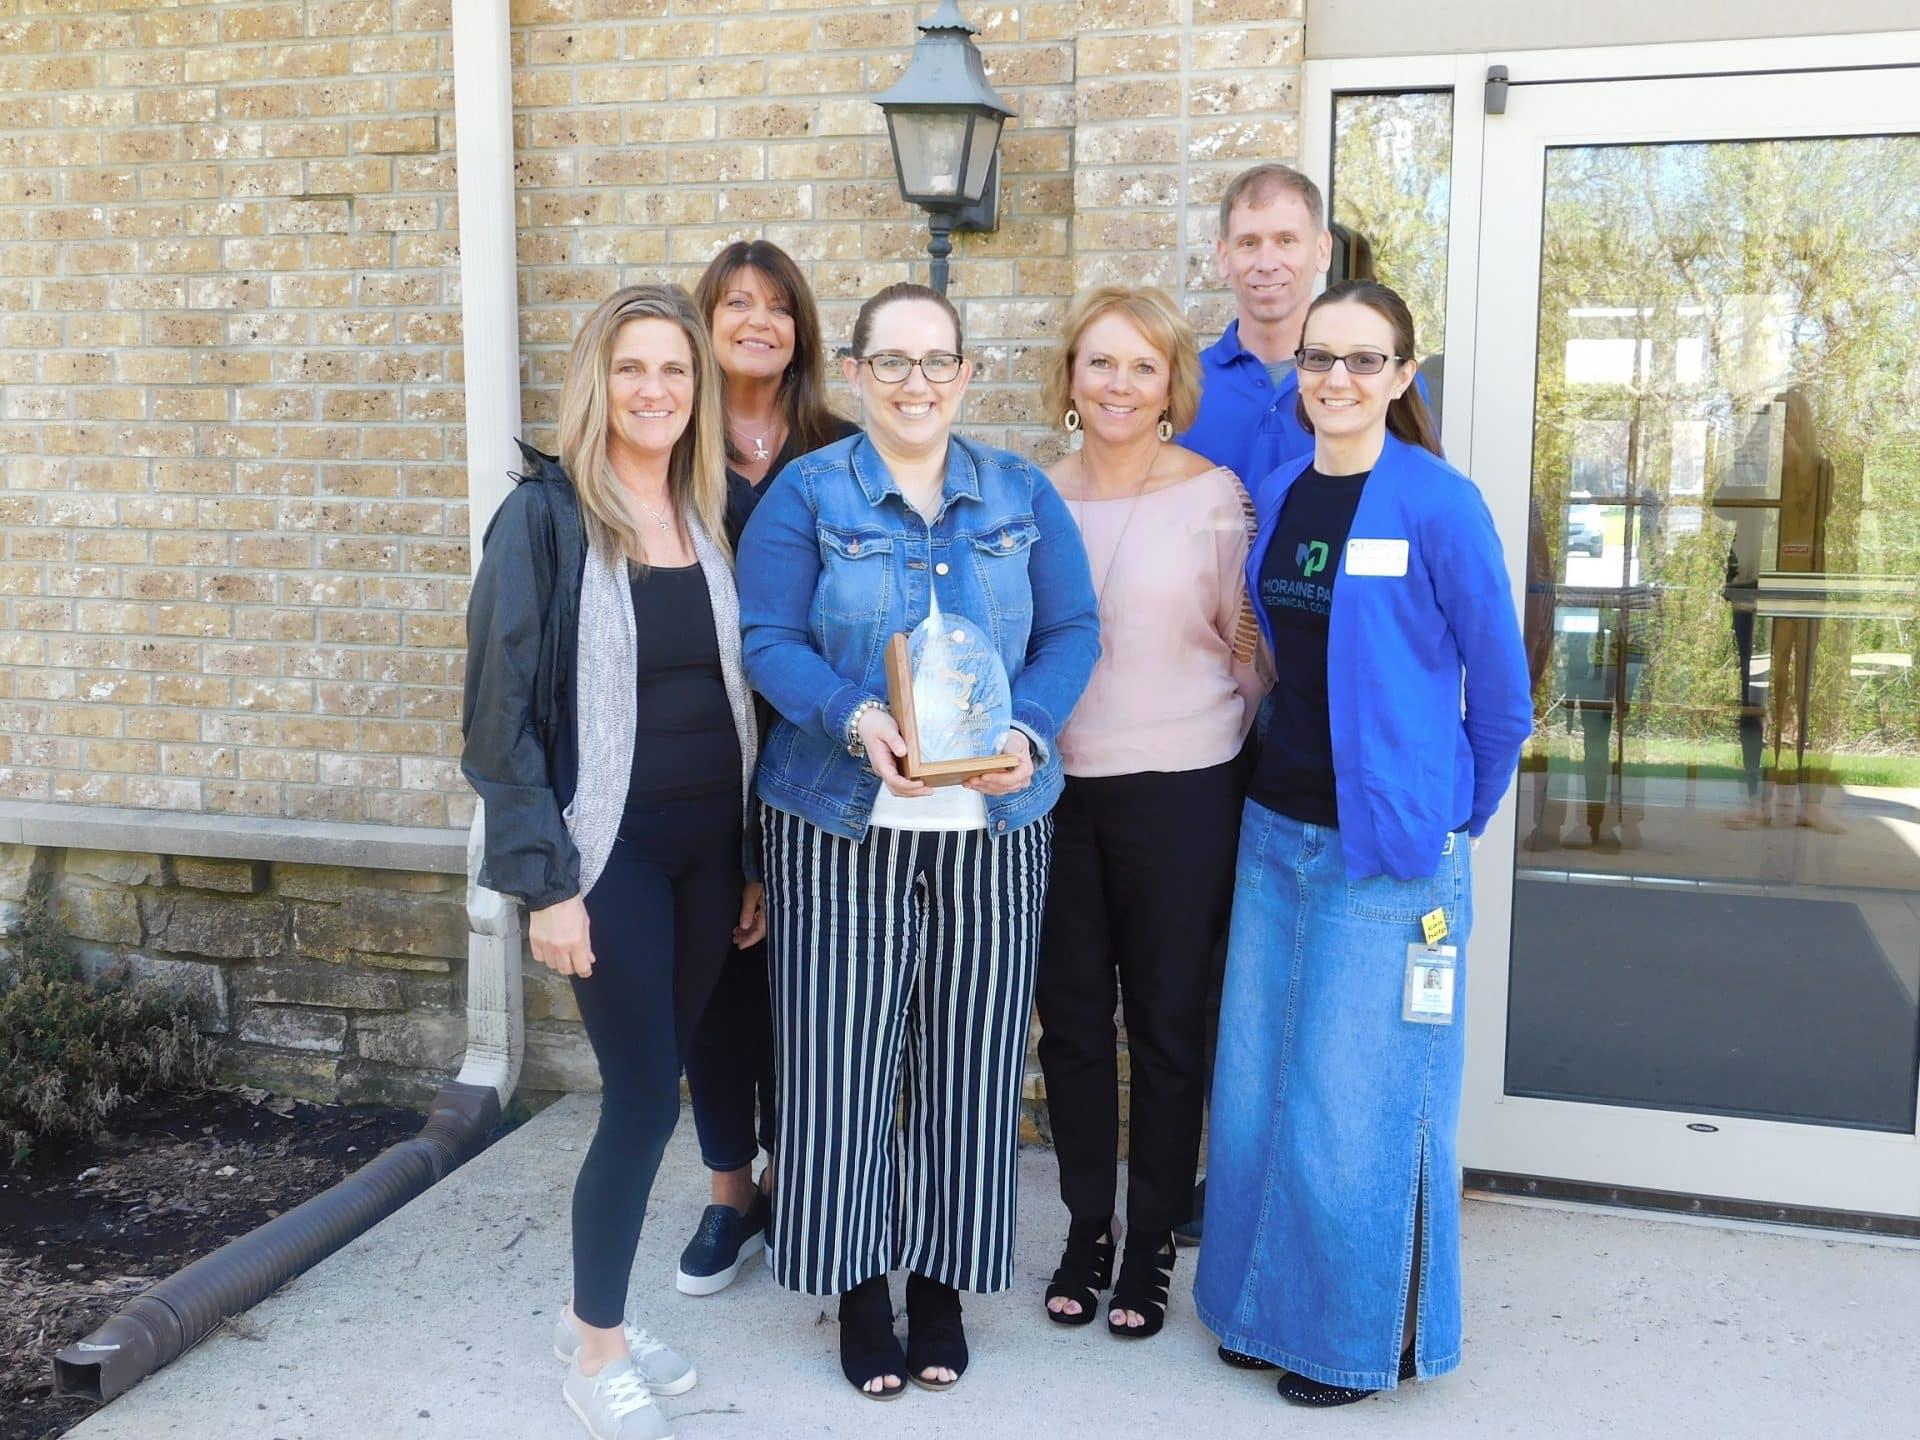 serenity hospice award